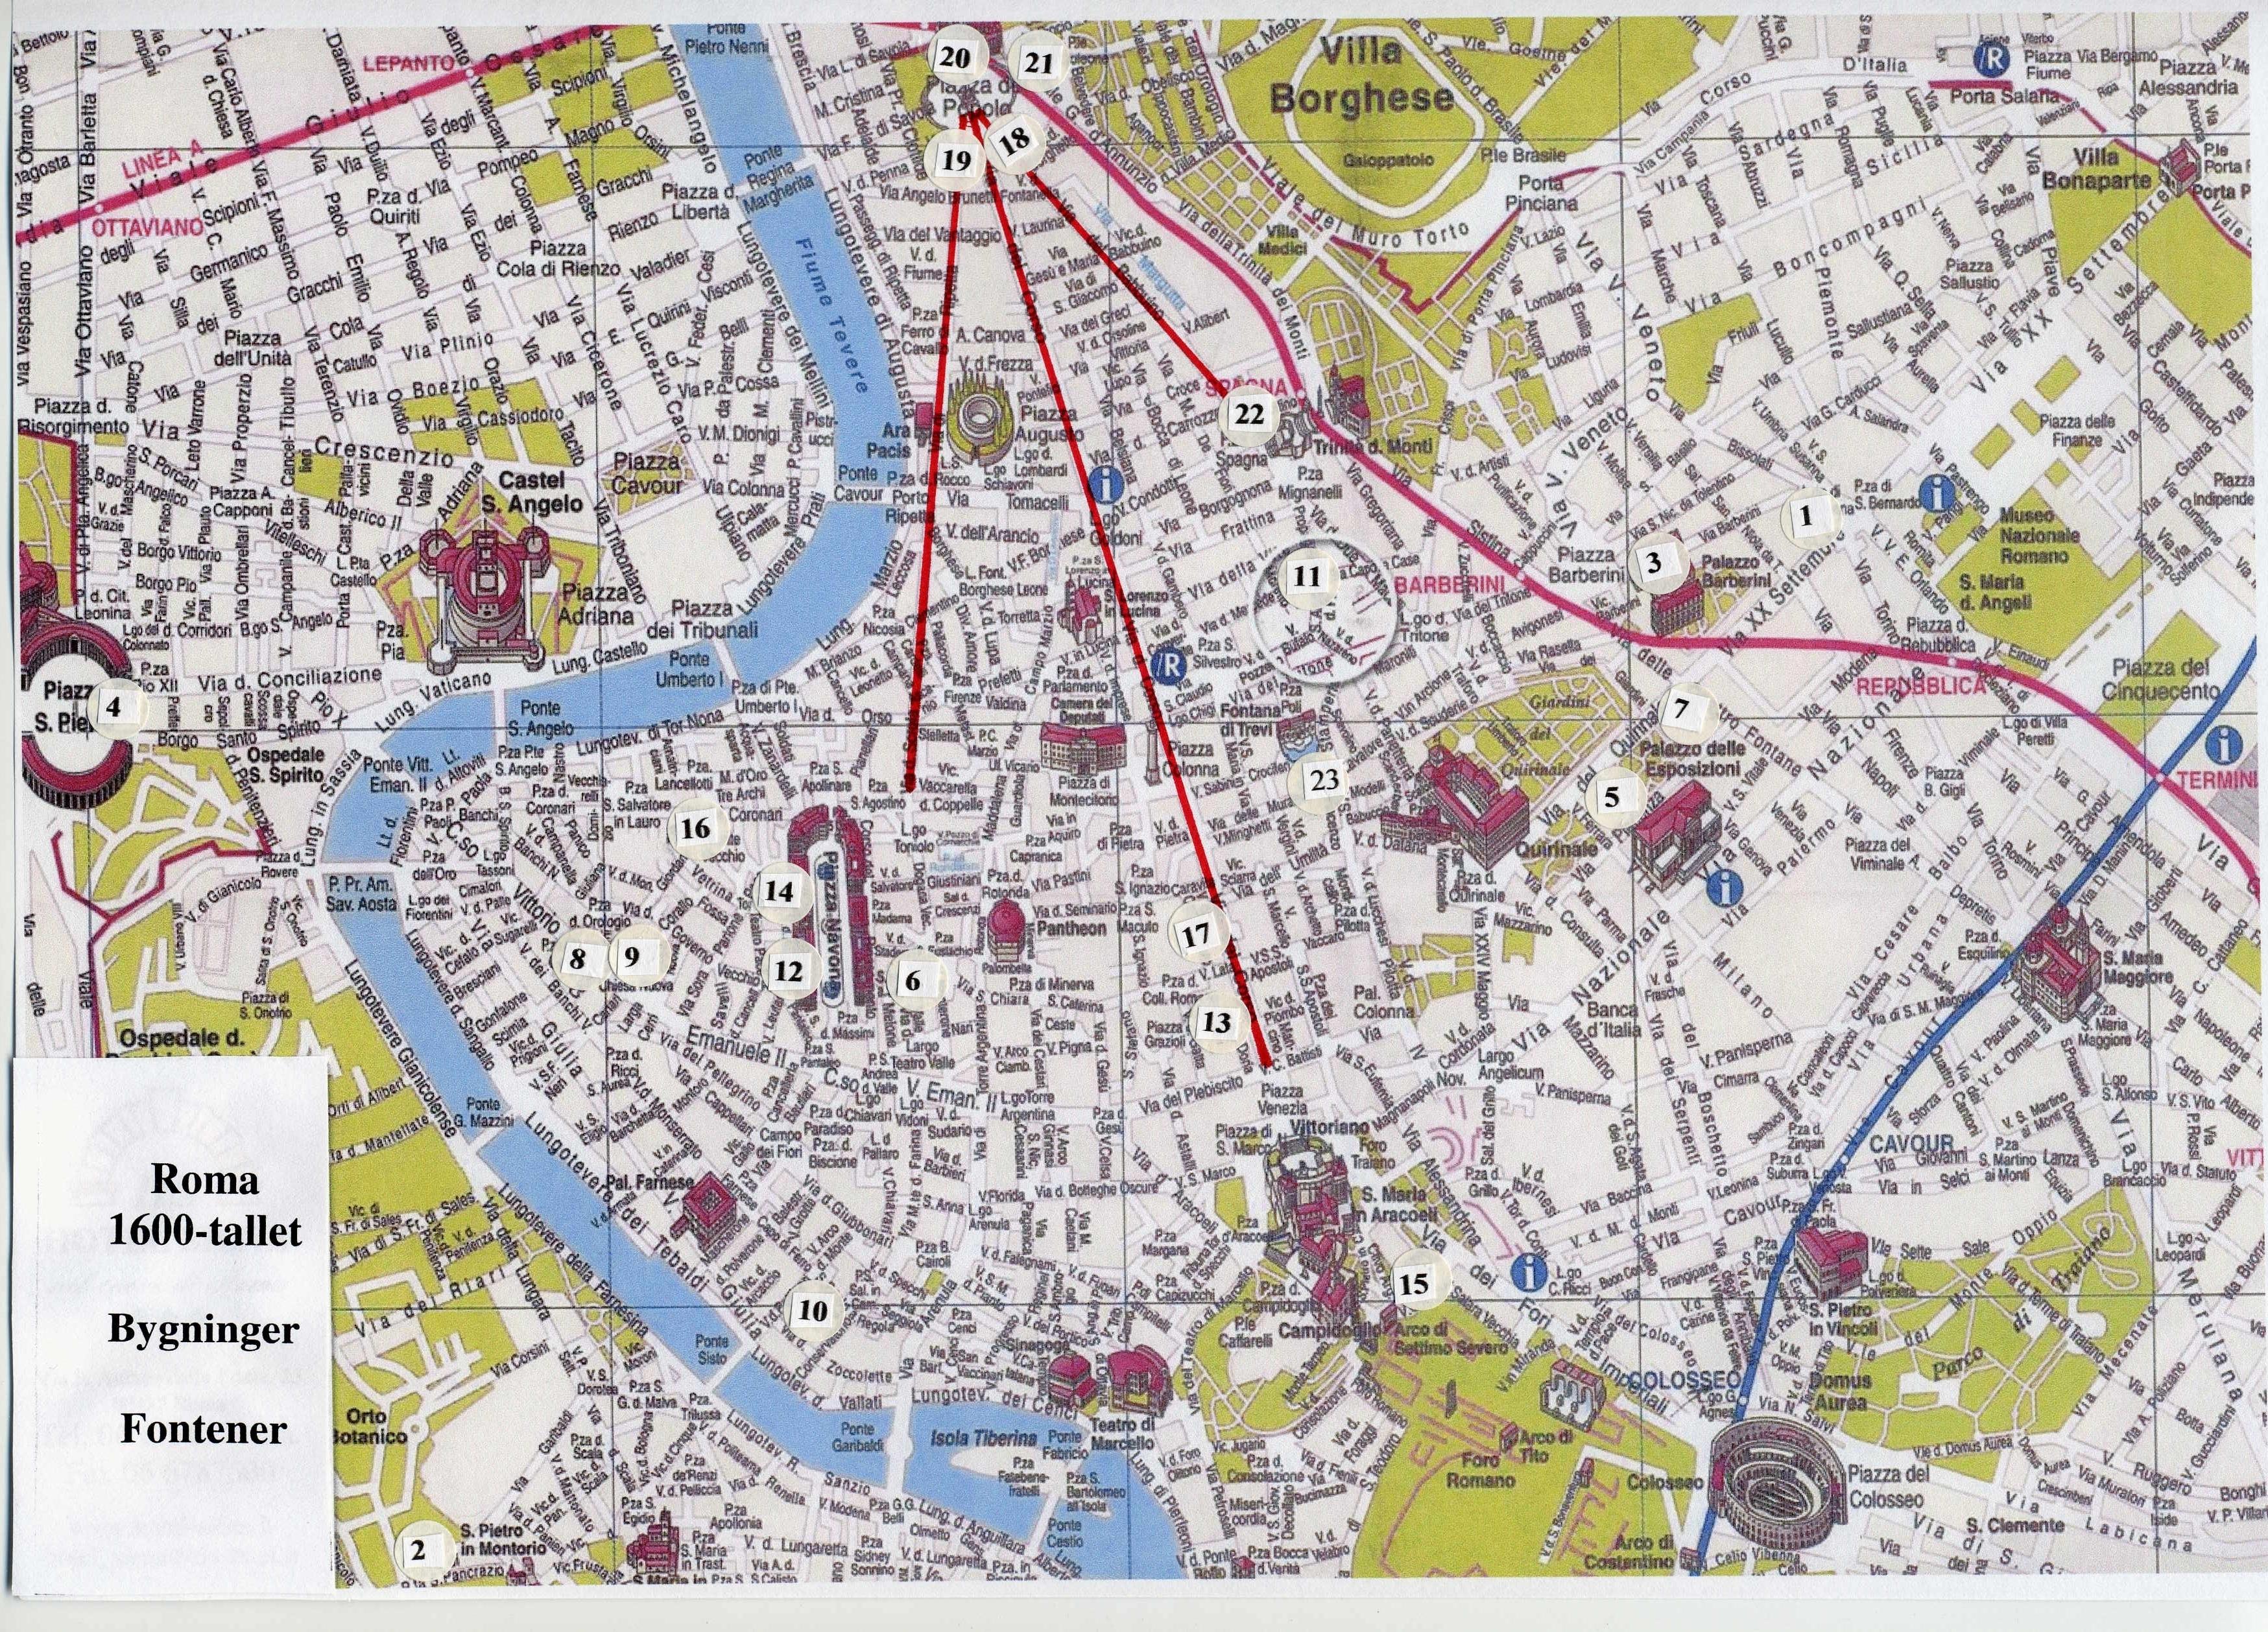 kart over roma Semesterside for KUN1040   Høst 2007   Universitetet i Oslo kart over roma